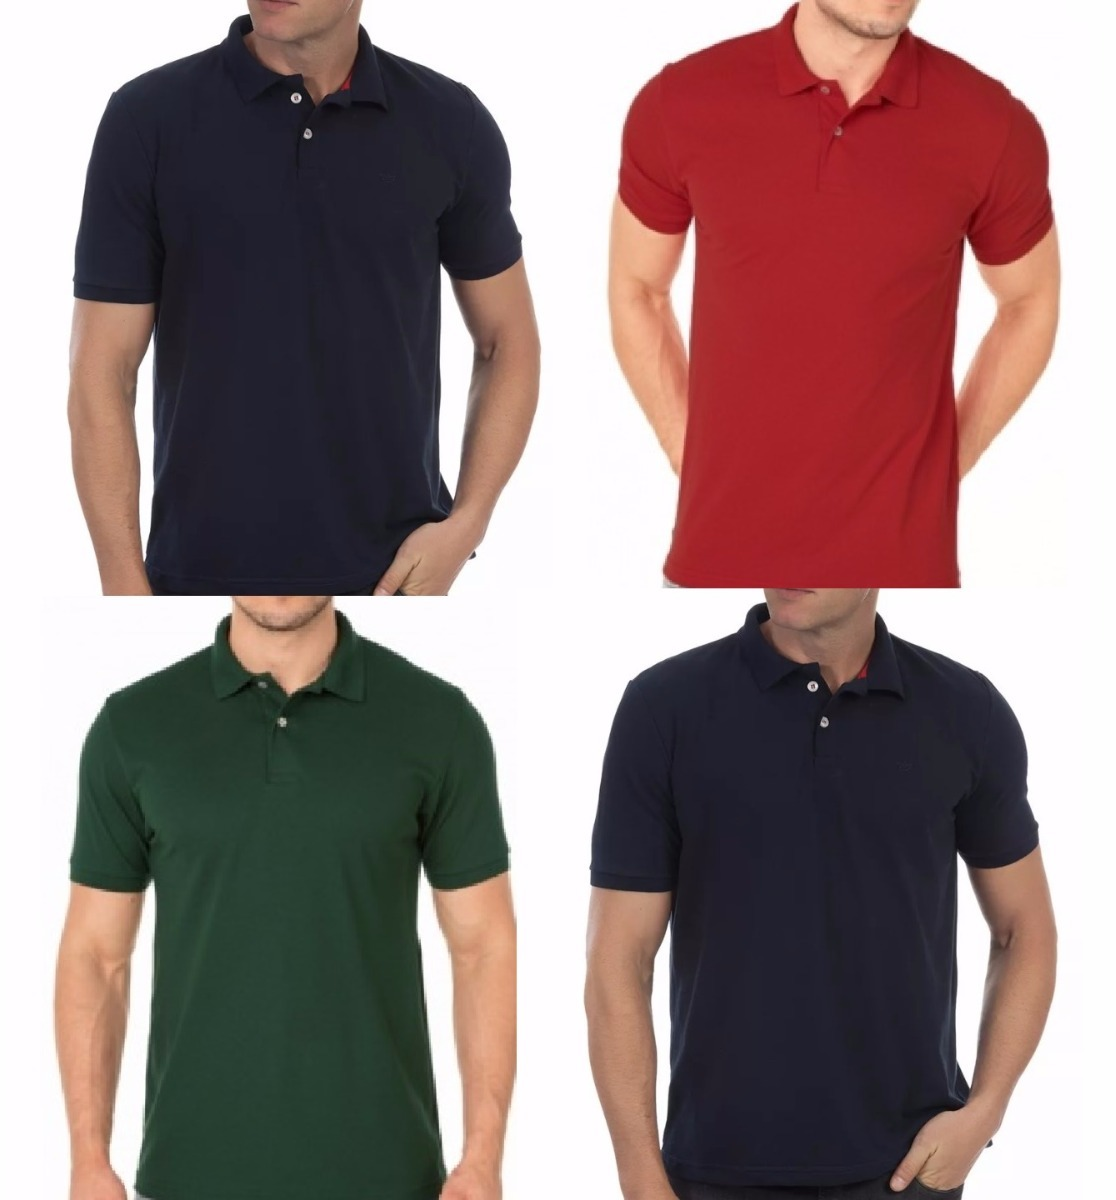 951e77f6a81 kit 10 camisa polo masculina frete grátis atacado revenda.  Carregando zoom. 97e8b7d64c0dc